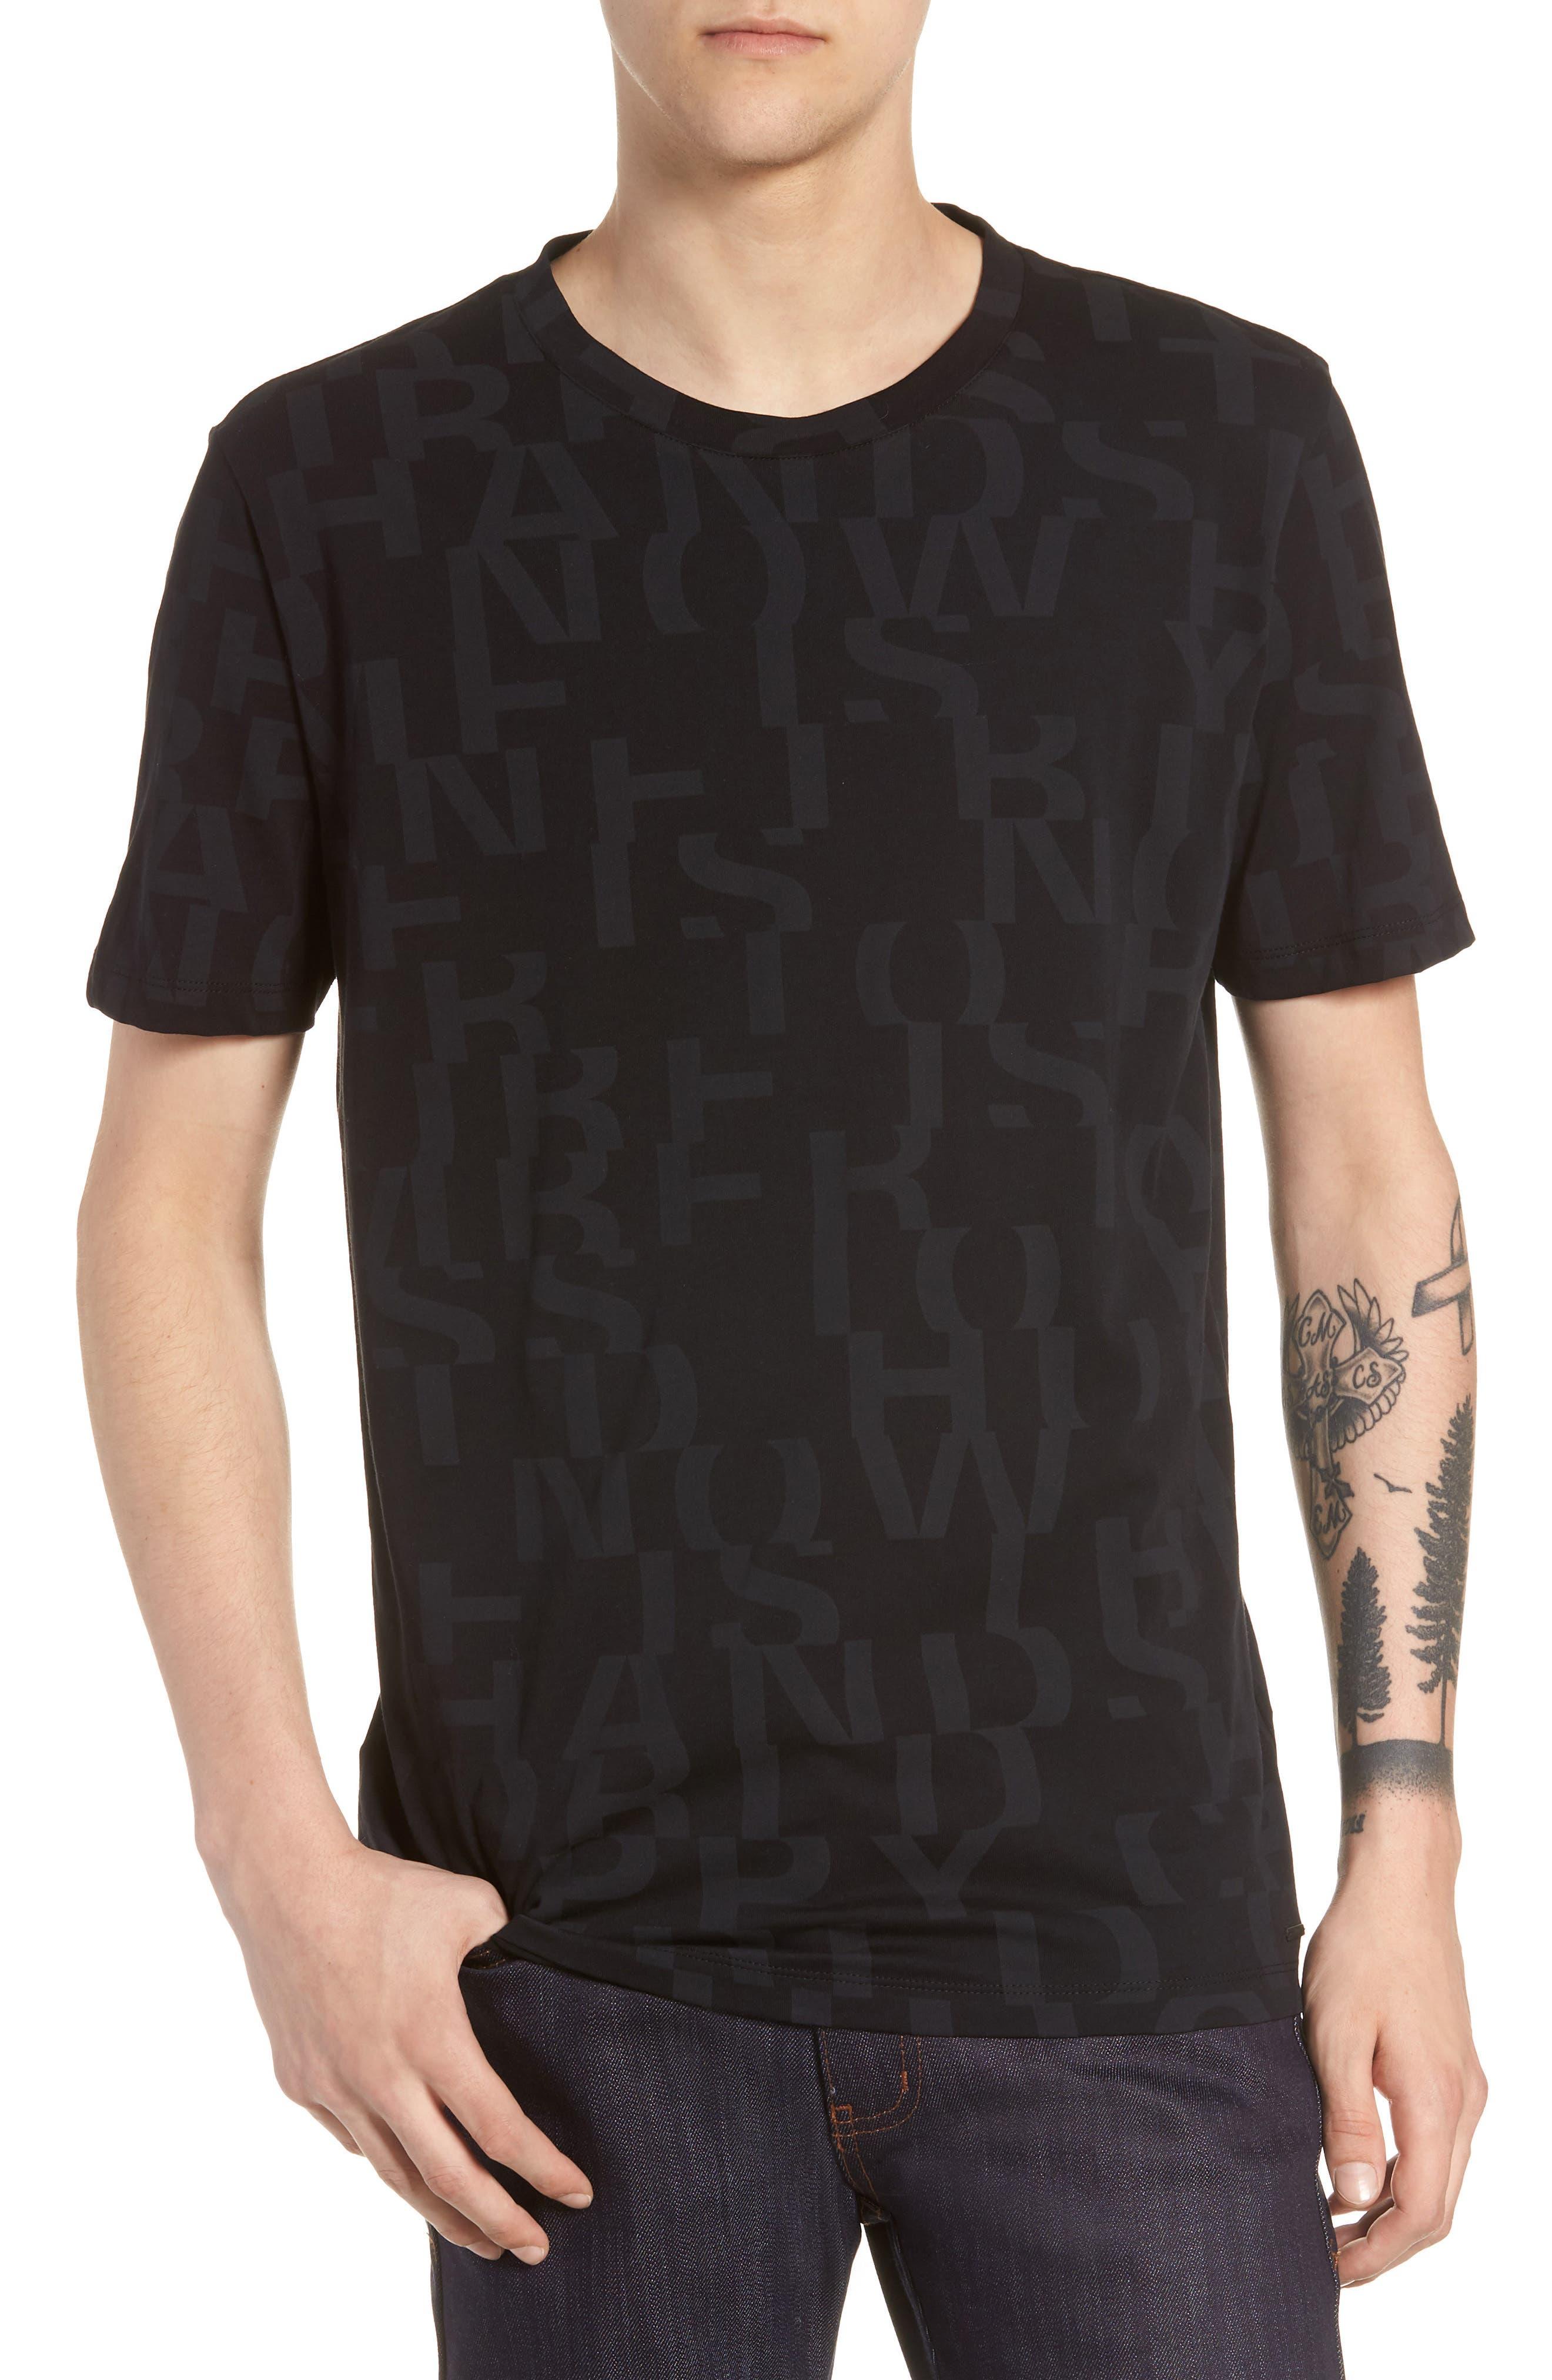 Dyrics Letter Graphic T-Shirt,                         Main,                         color, BLACK